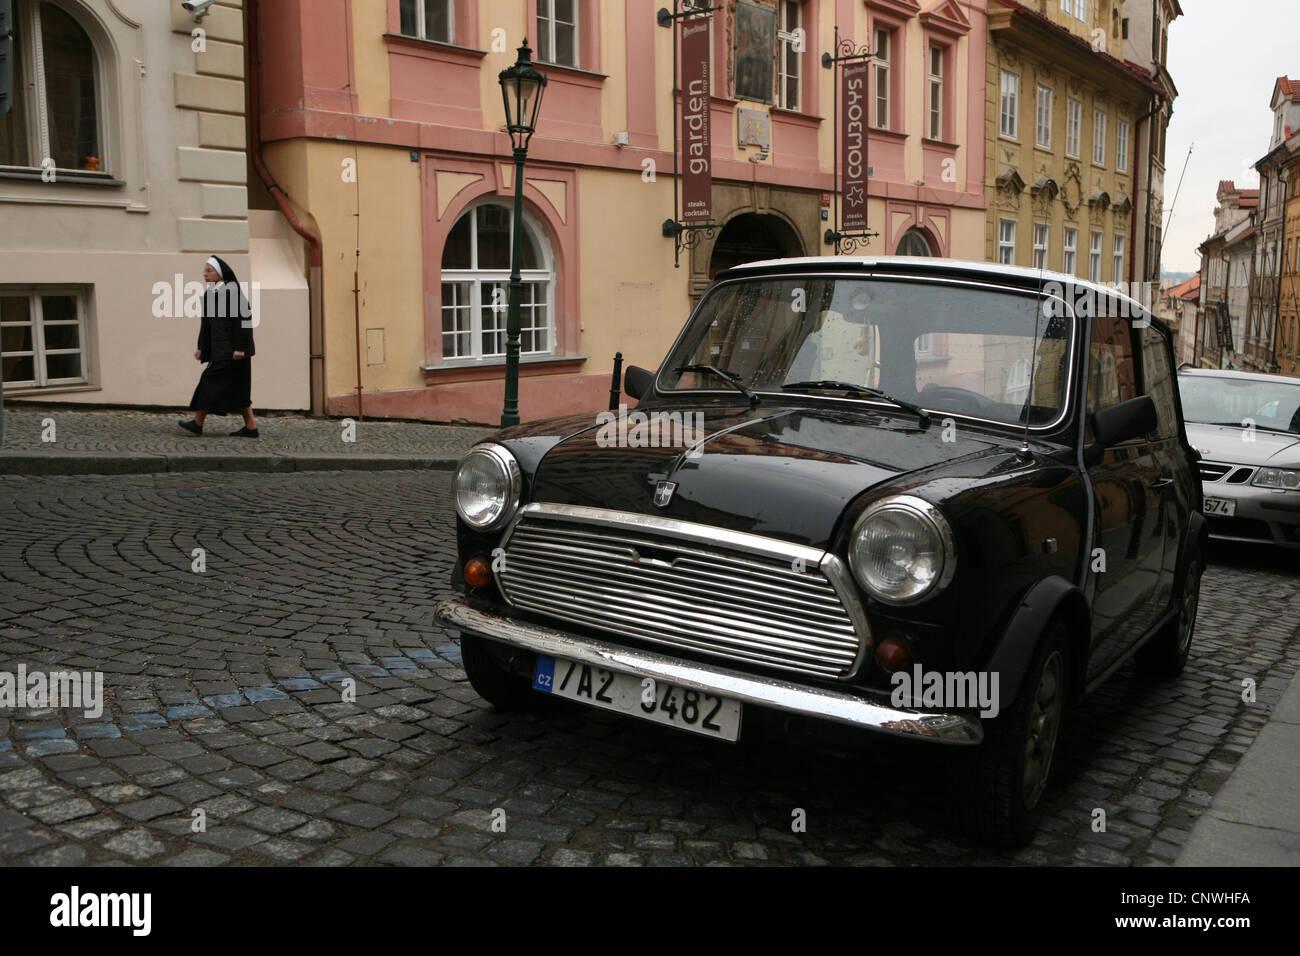 Monja católica y Mini Cooper coche en la calle Nerudova en Praga, República Checa. Imagen De Stock